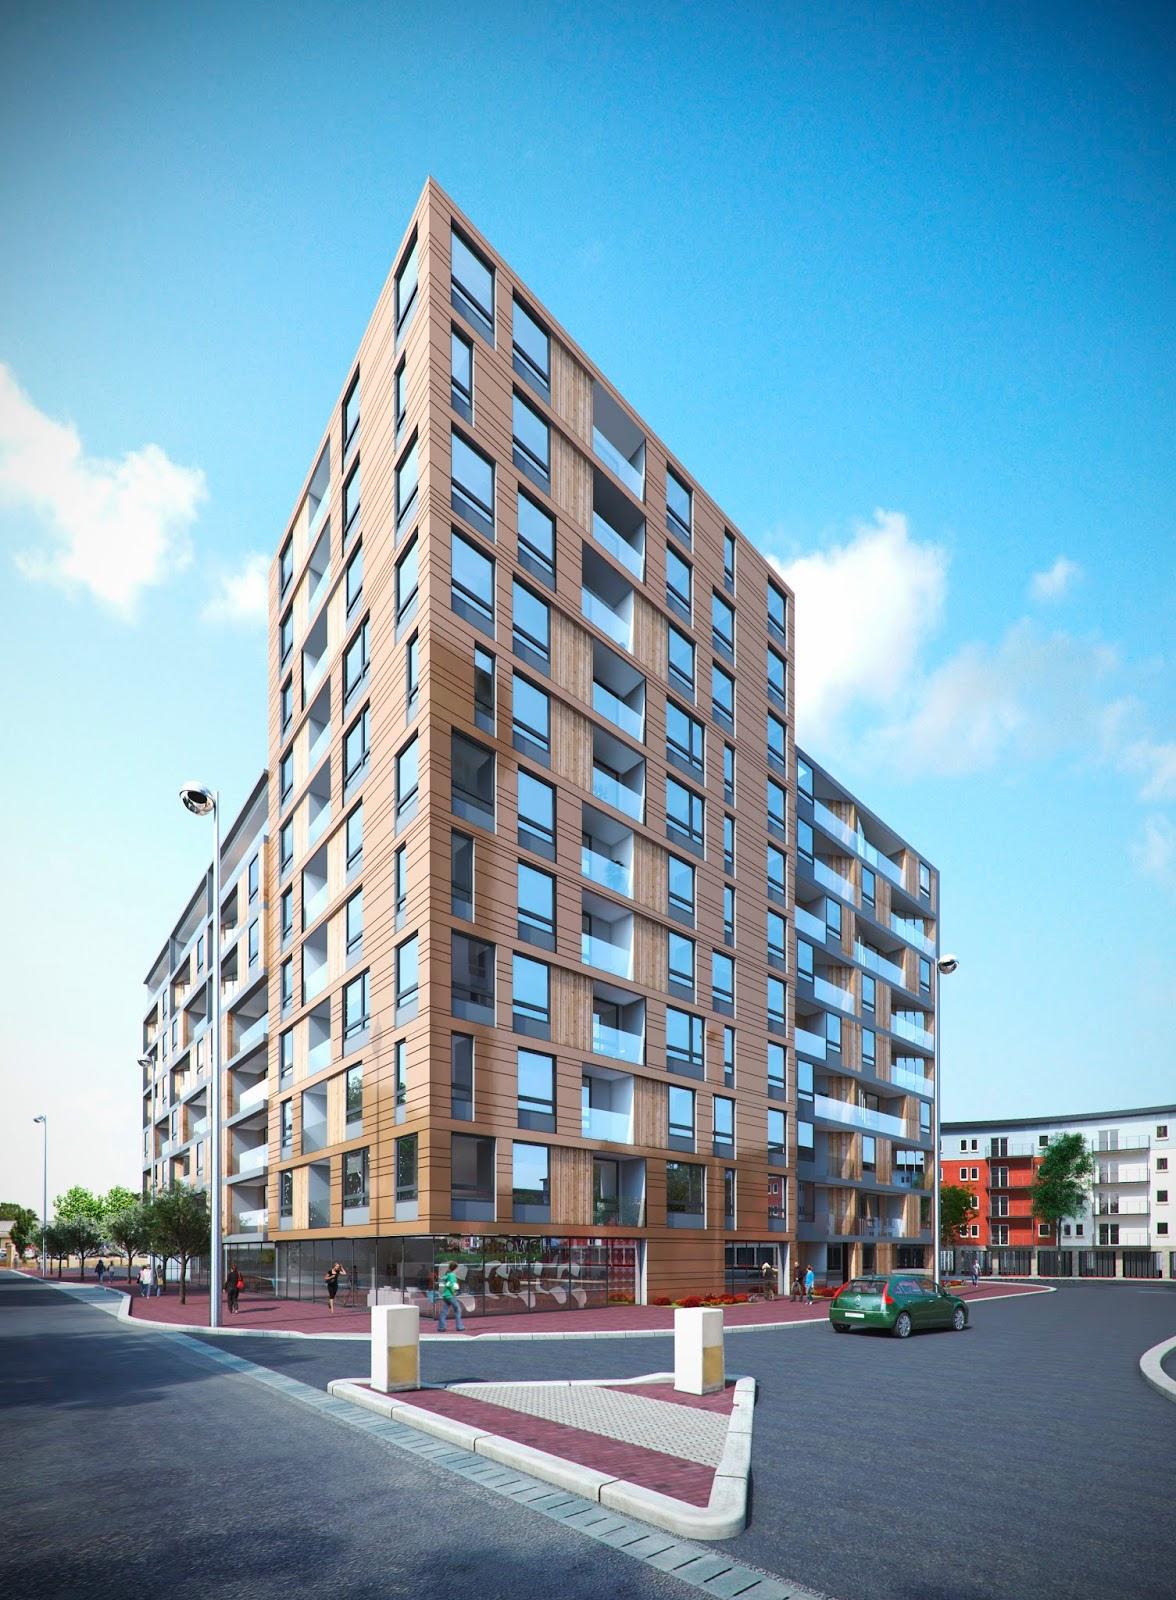 英國房地產 - 曼徹斯特住宅公寓